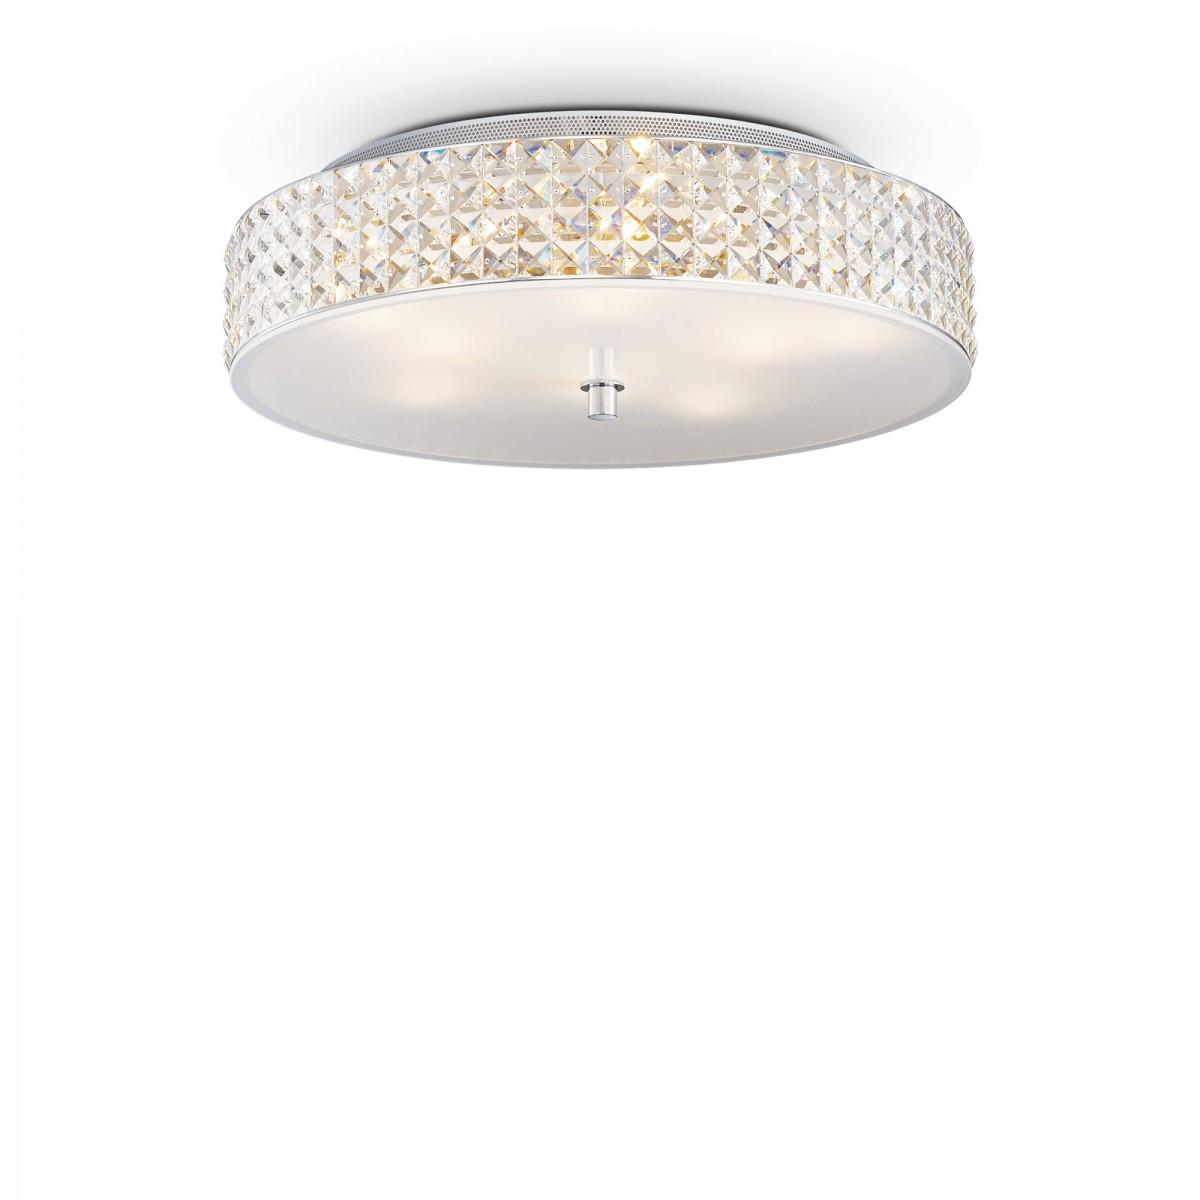 stropní svítidlo Ideal lux Roma PL9 087863 9x40W G9 - moderní komplexní osvětlení